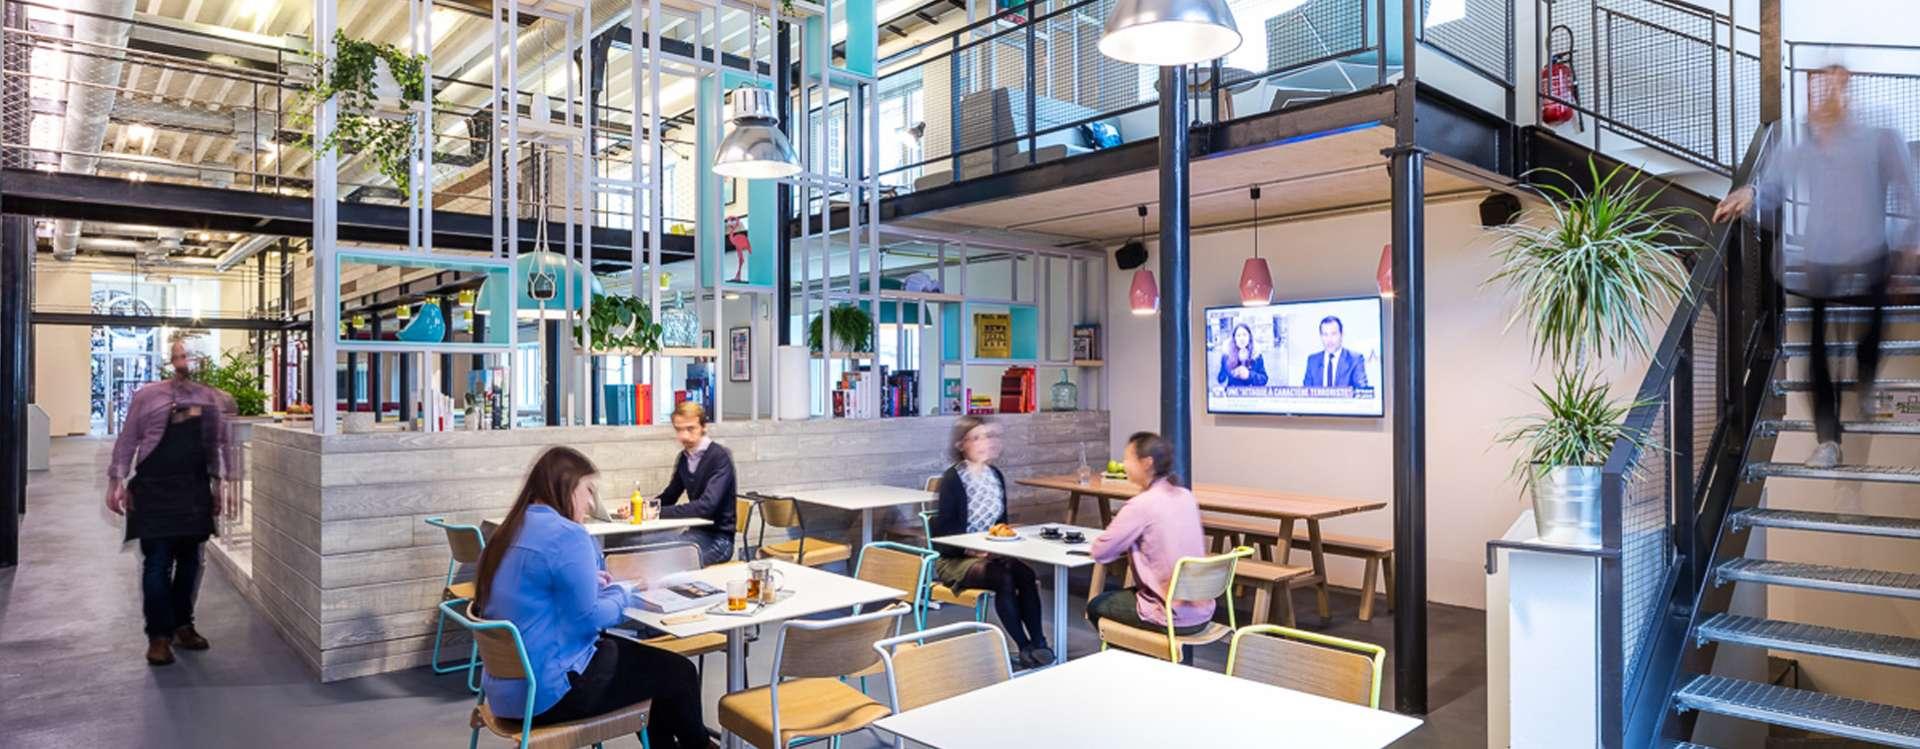 Espaces de coworking : bien plus que des bureaux partagés